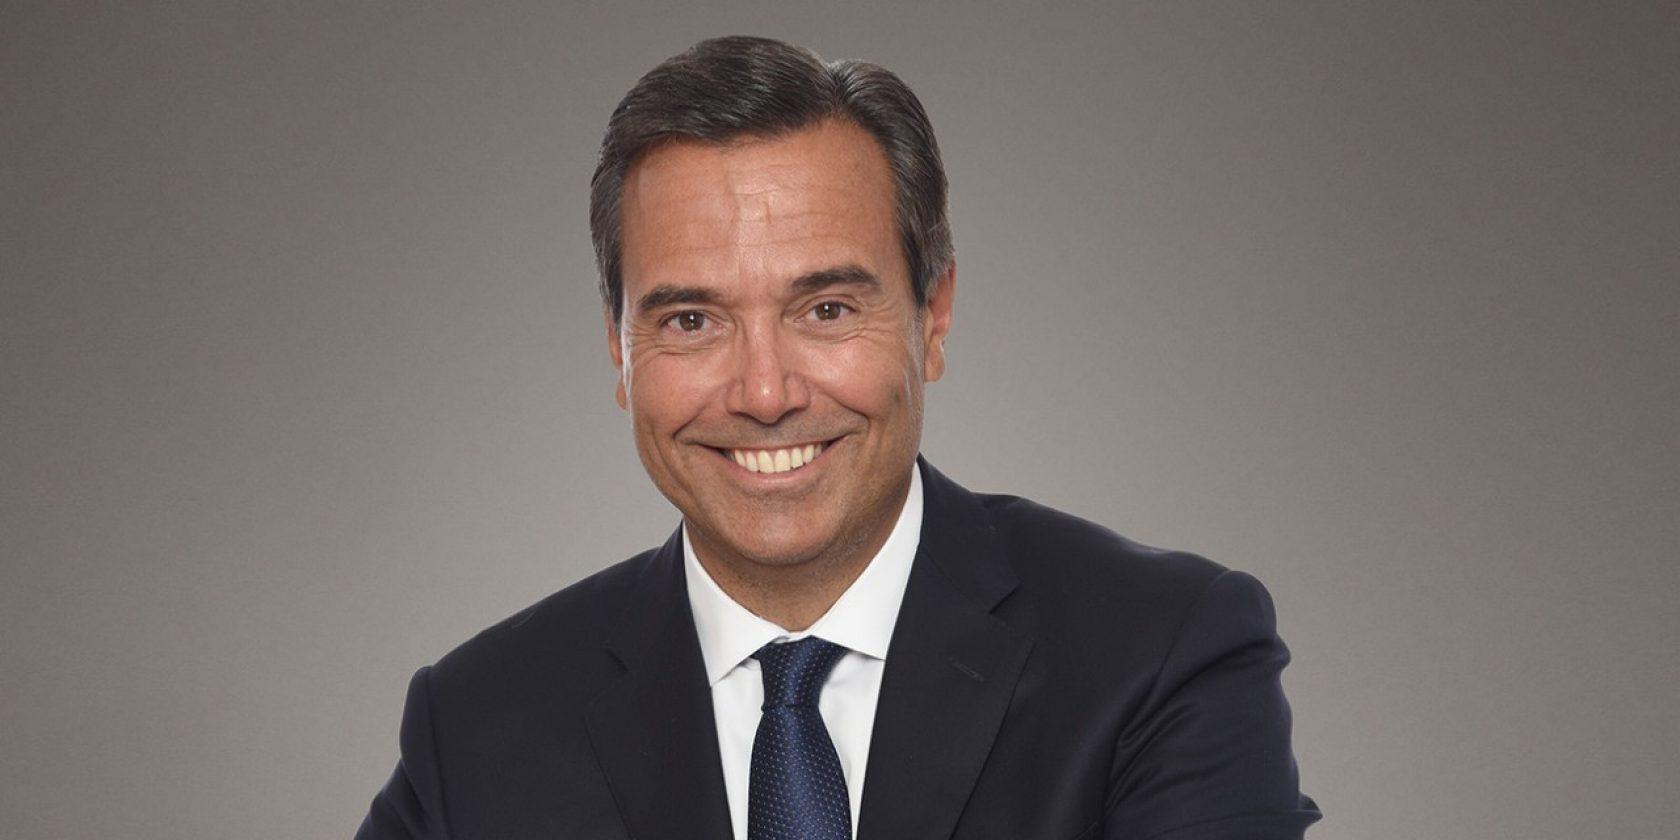 Antonio Horta-Osorio, Chairman Board of Directors, Credit Suisse Group